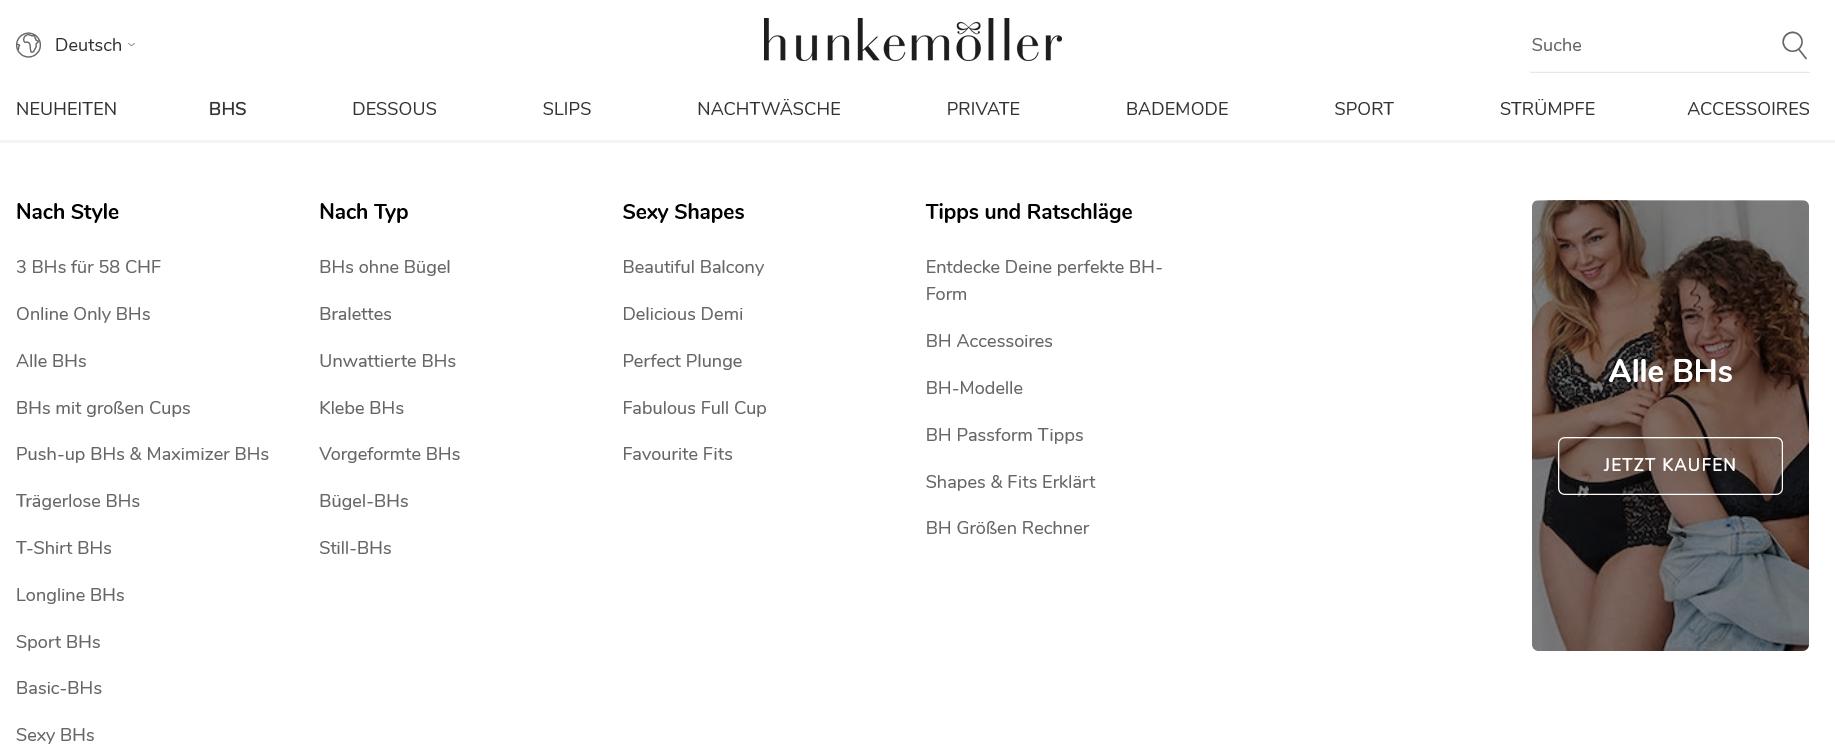 Die Kategorien von Hunkemöller